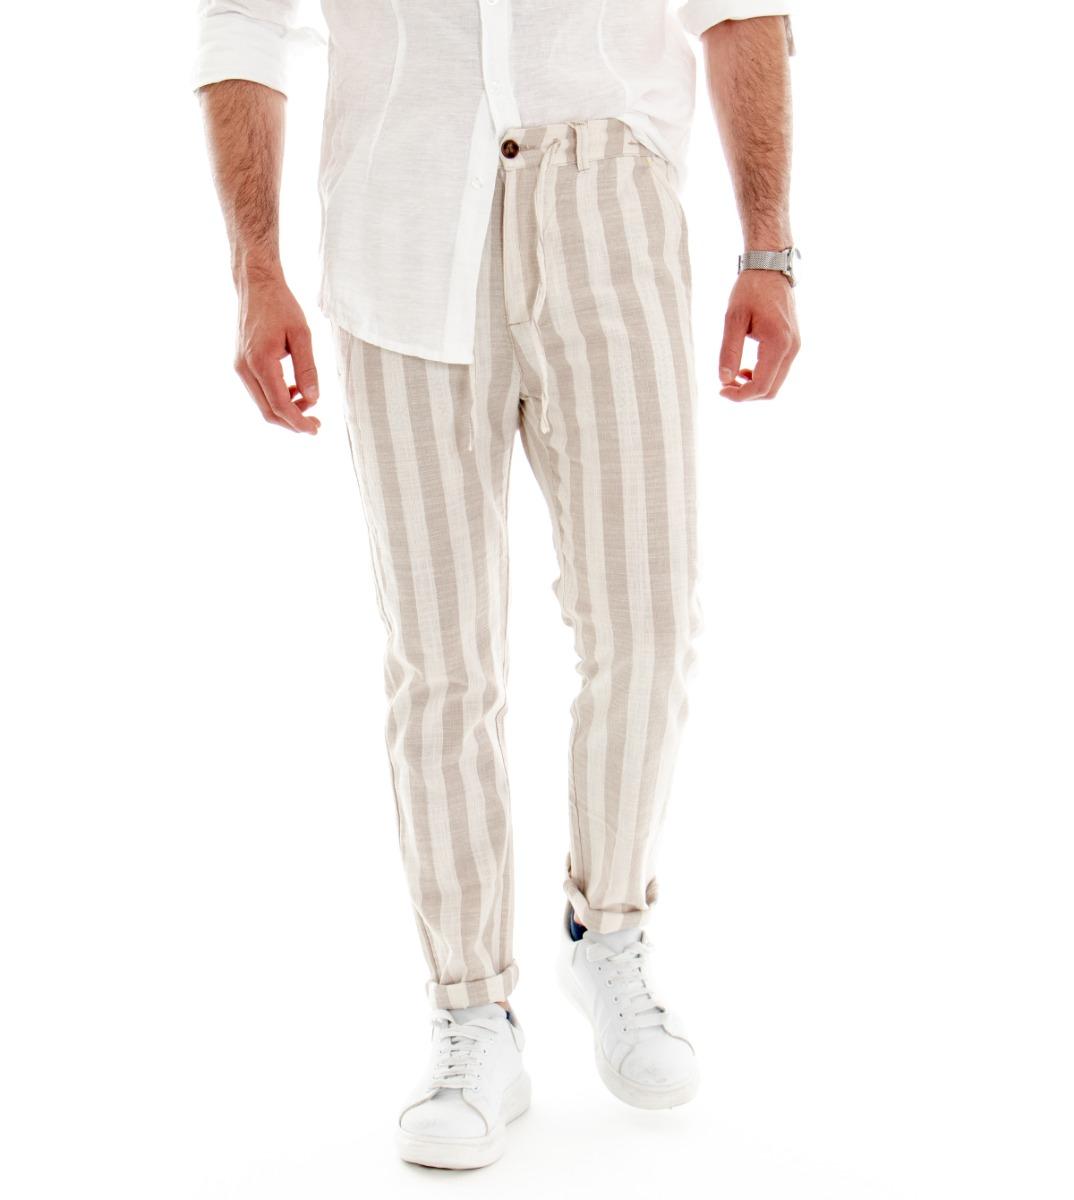 massa rotazione Paesaggio  Pantalone Uomo Lino Cotone Lungo Righe Beige Tasche America Tasca Filetto  GIOSAL   eBay